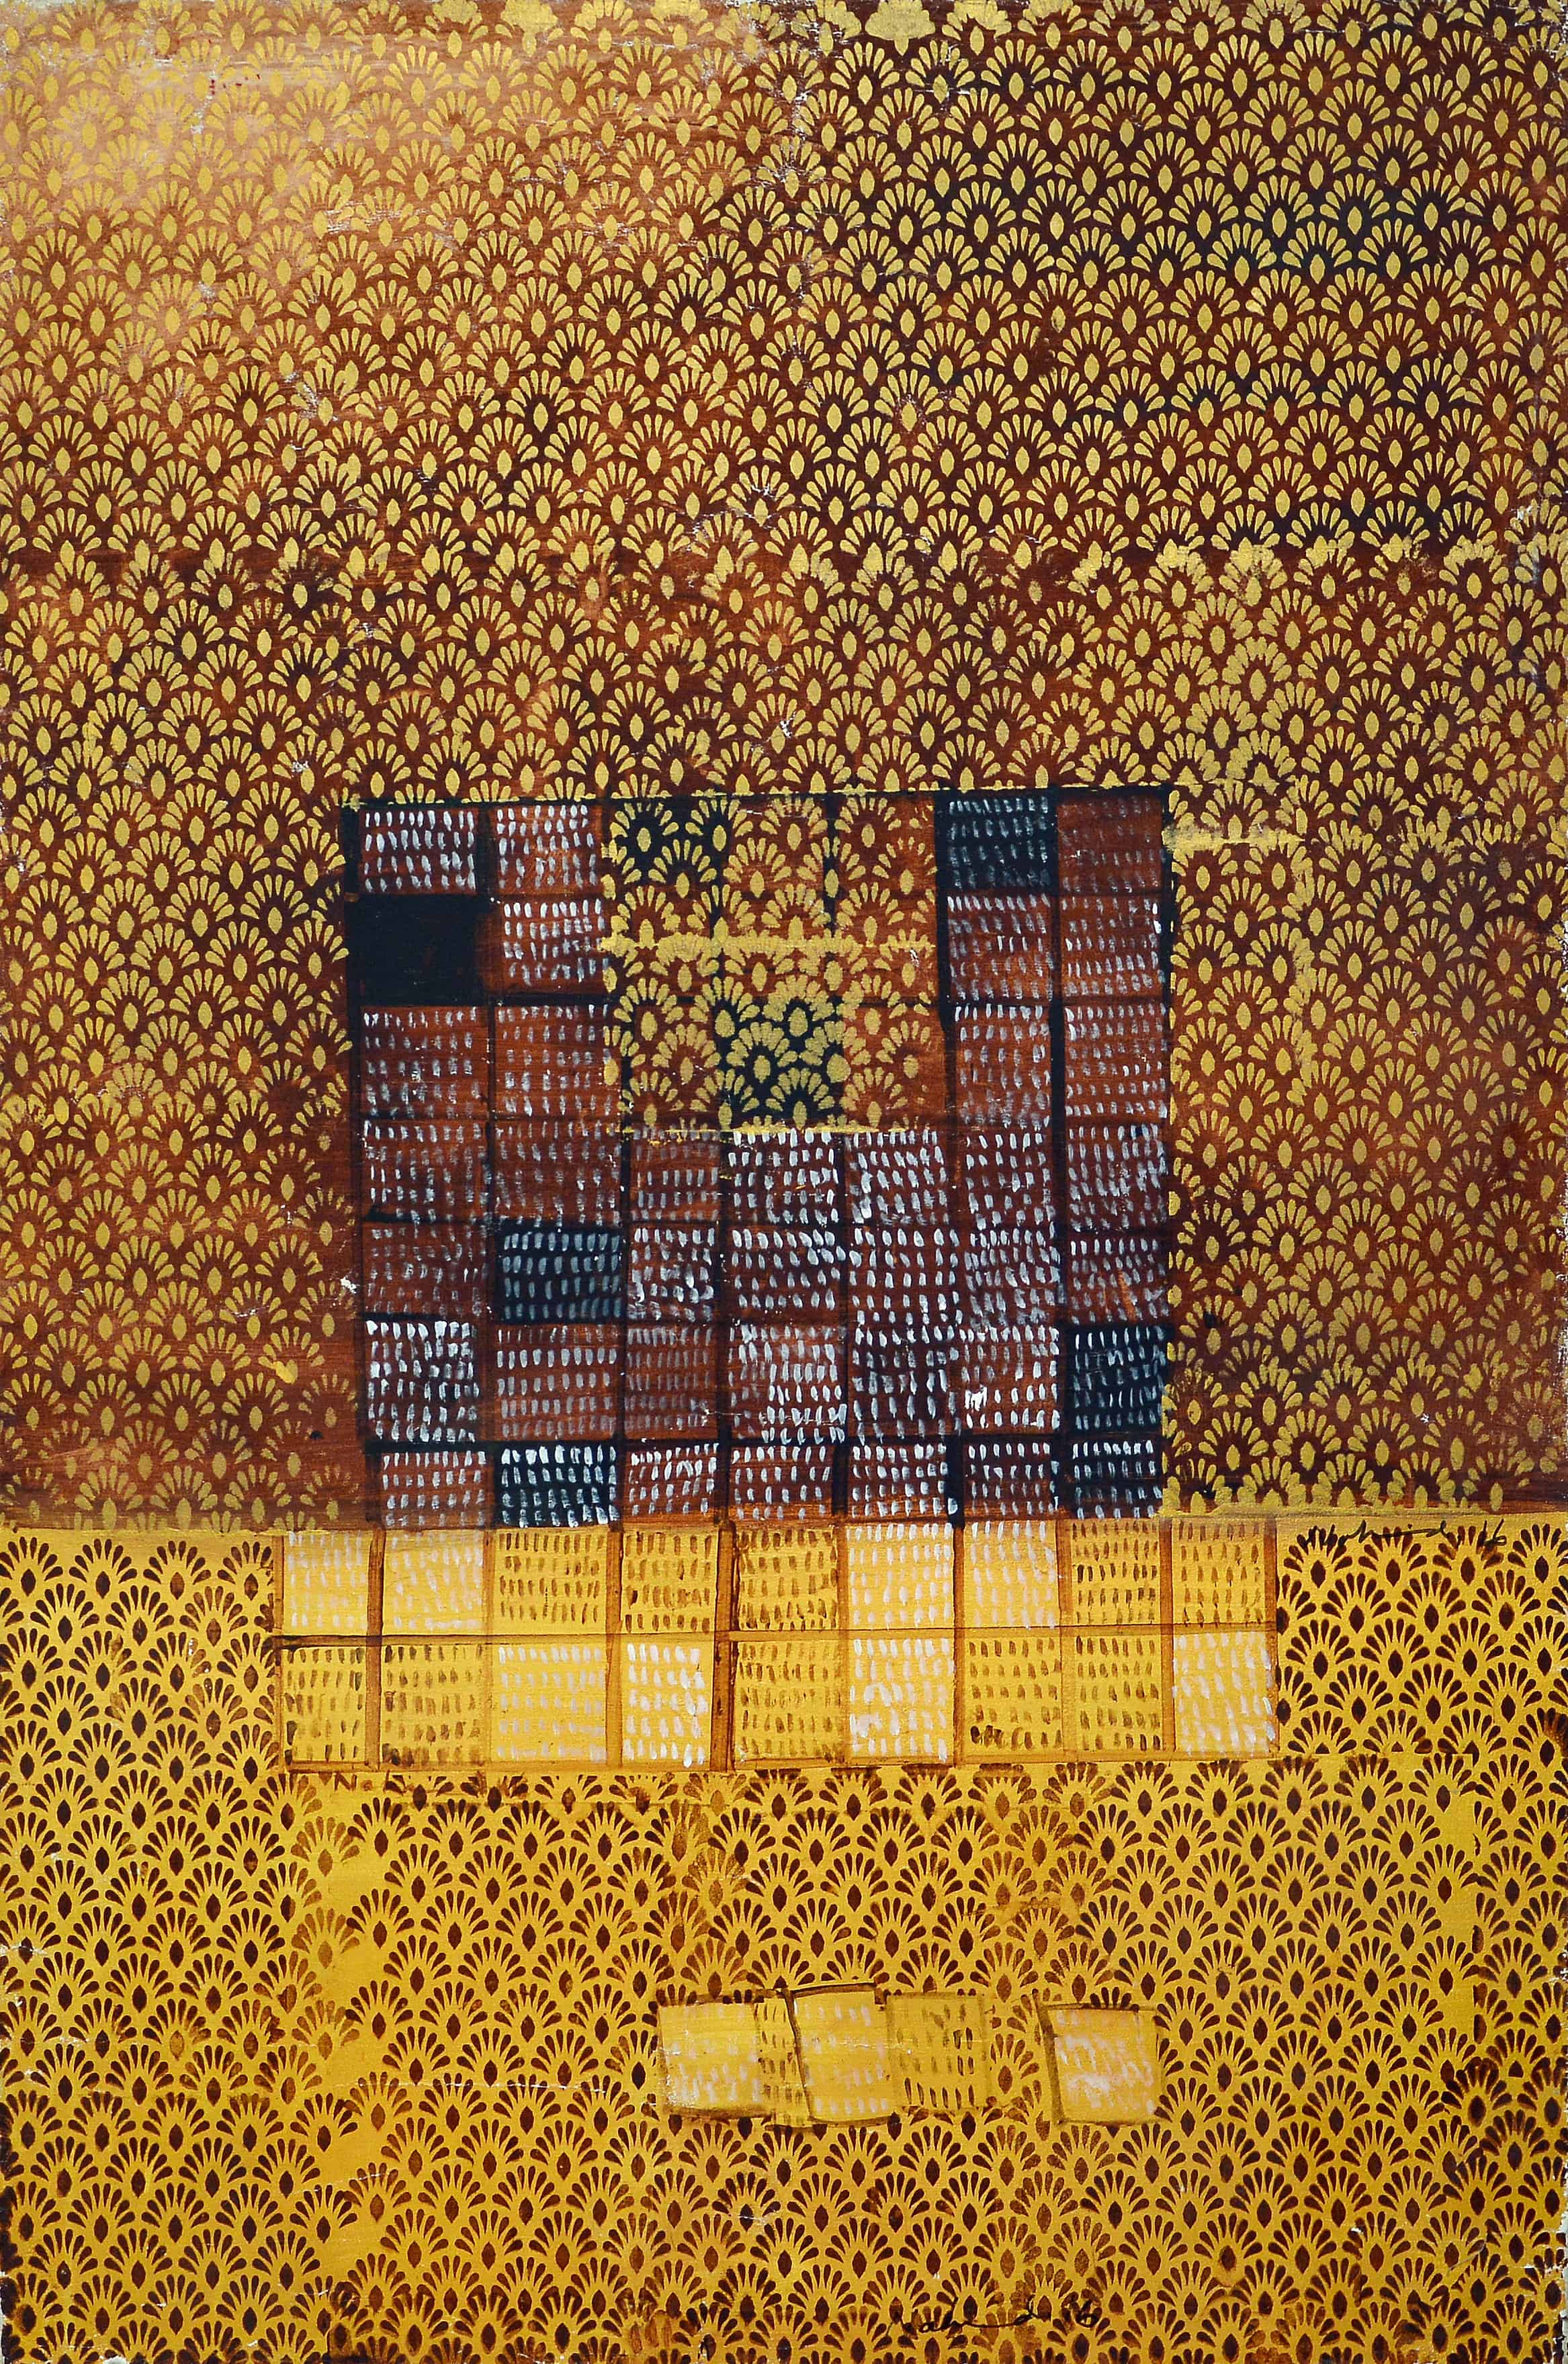 Acrylic Painting by Pakistani Artist Nahid Raza Size 36 x 52